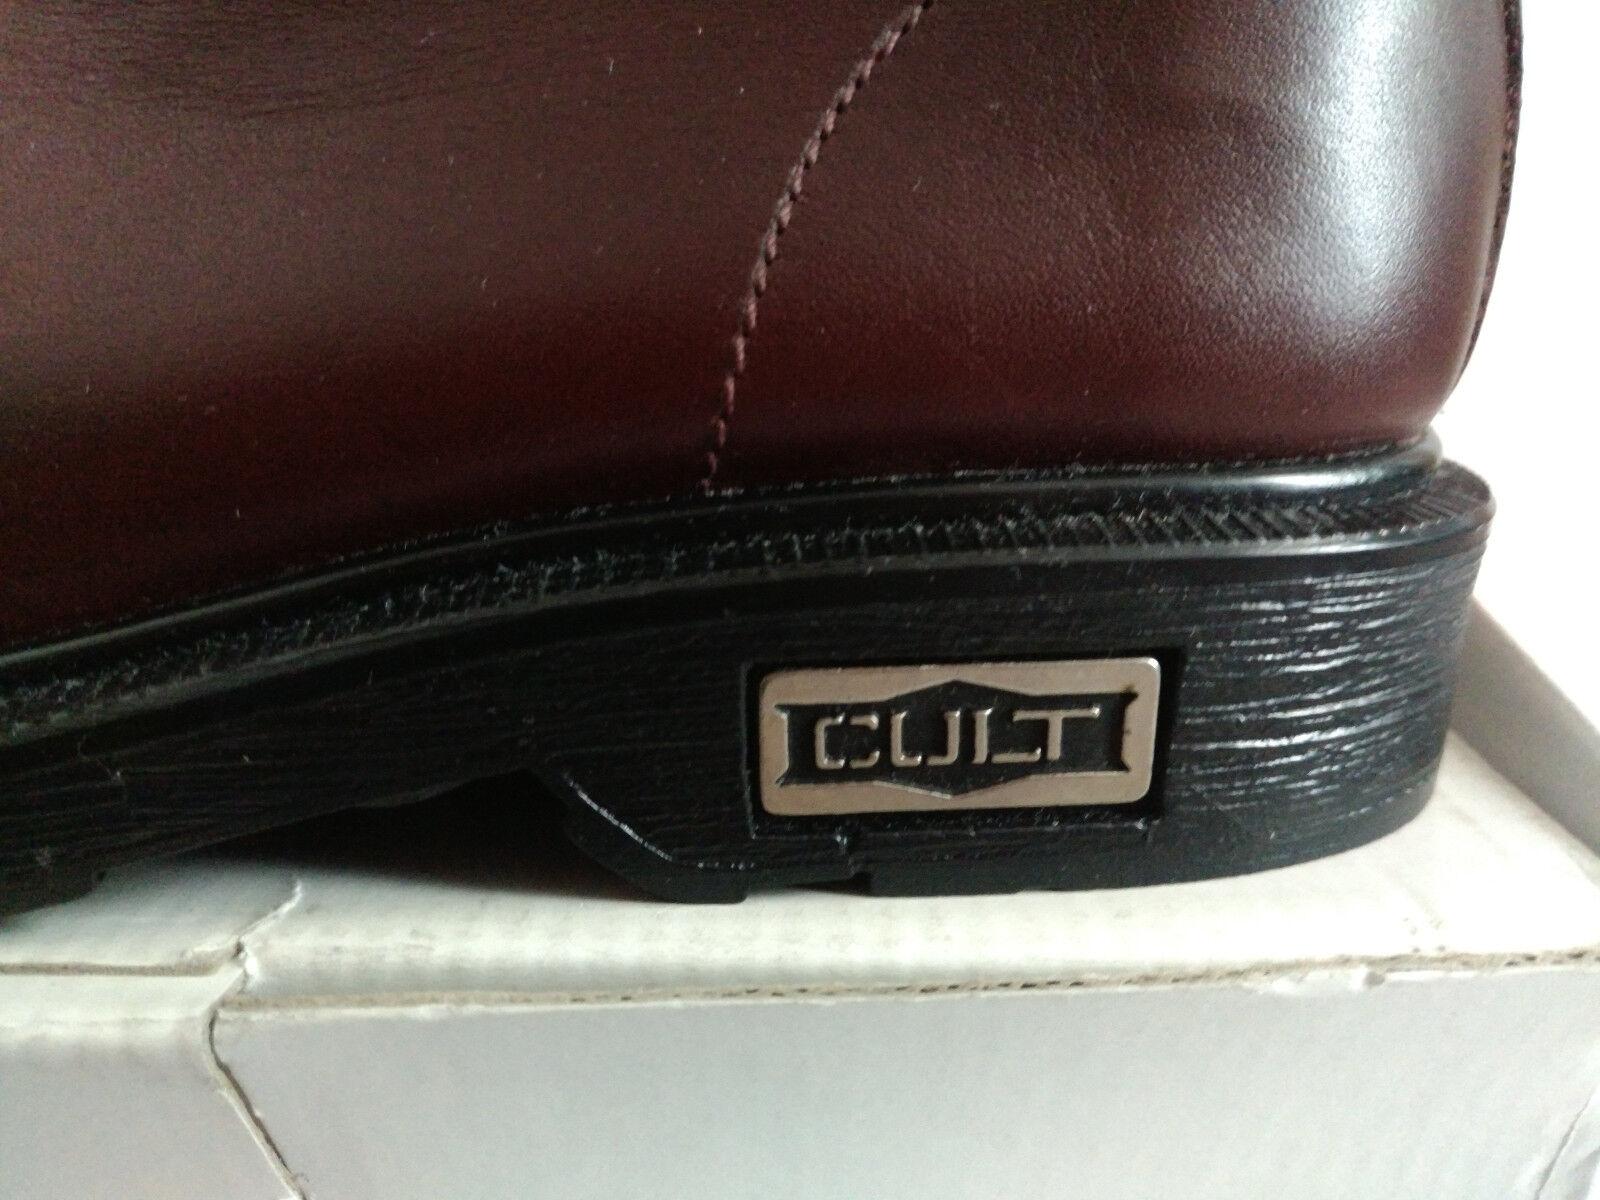 CULT CULT CULT